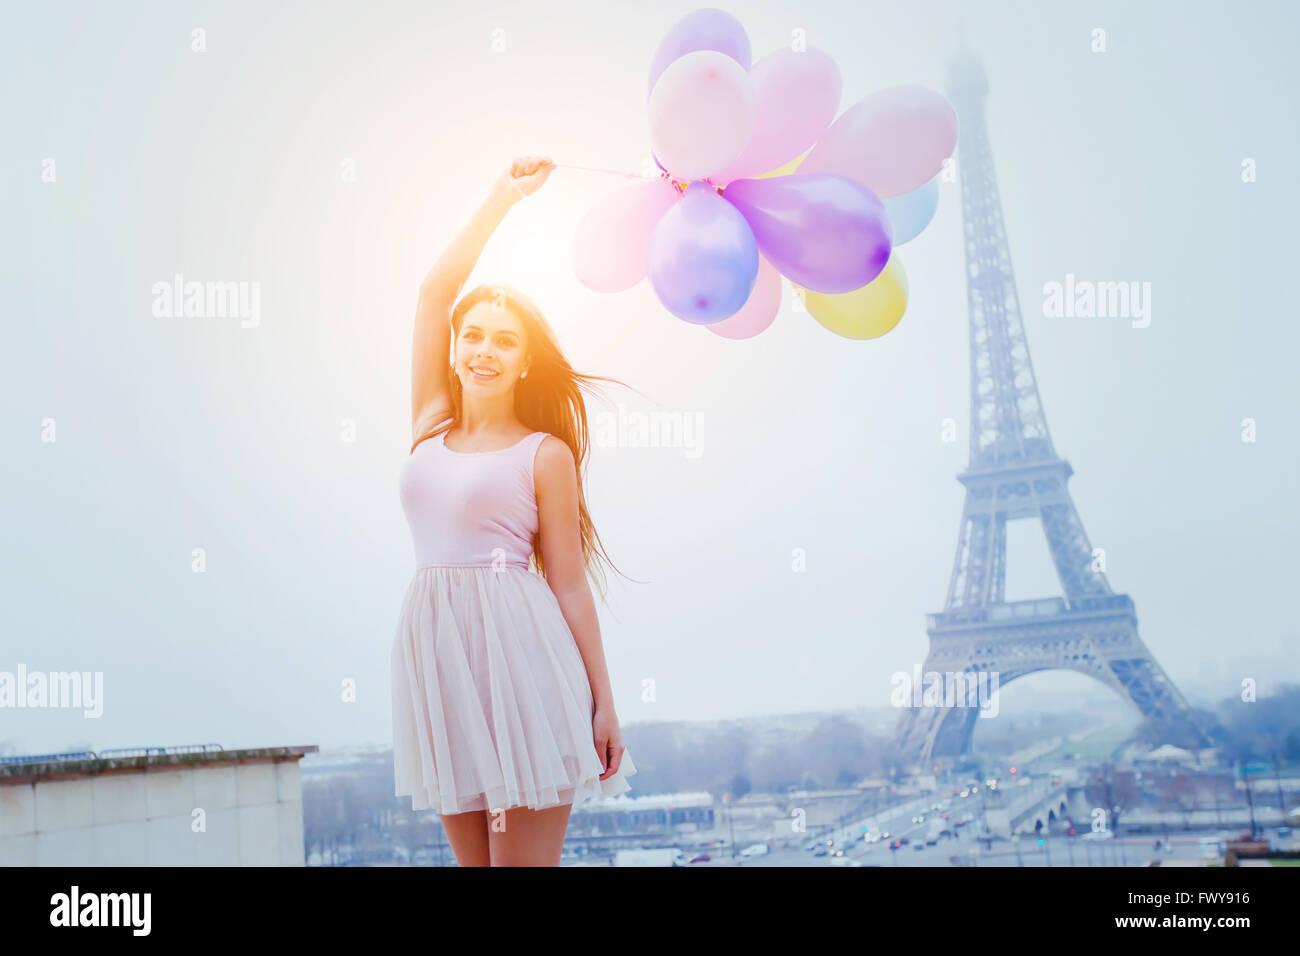 Vacaciones en París, coloridos, felices sueños chica con globos, cerca de la torre Eiffel Imagen De Stock